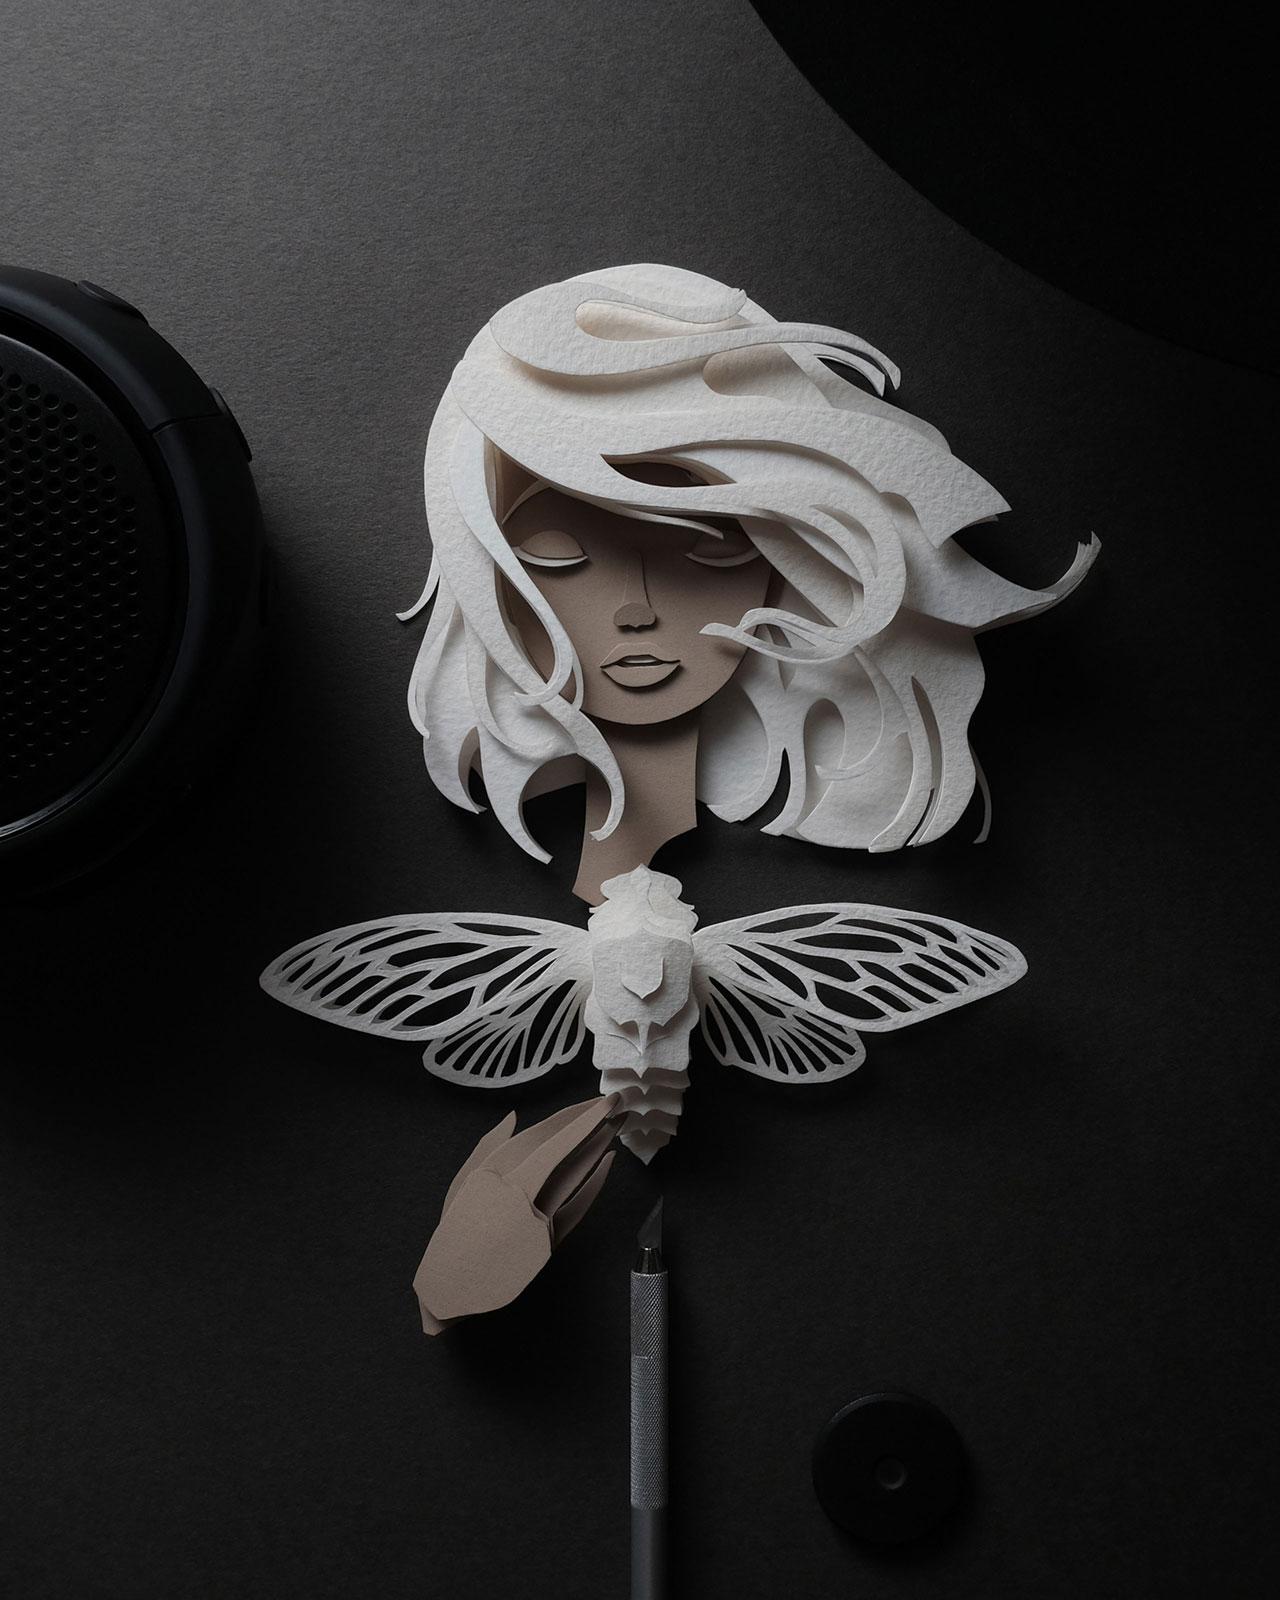 John Ed De Vera, 'Nausicaa' from Paper Cut Nymphs. ©John Ed De Vera.